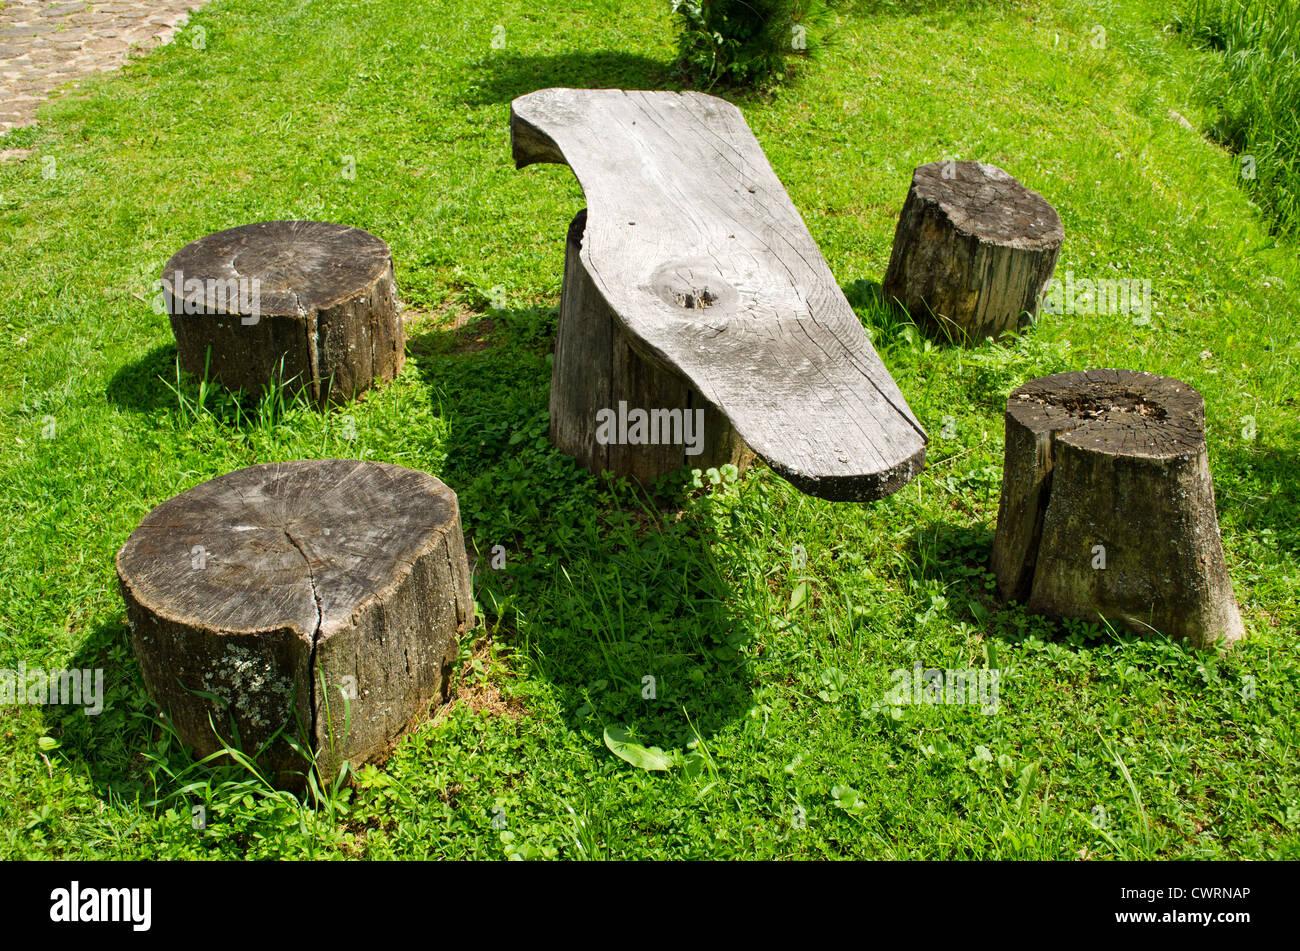 Tavolo e sedie di legno tronco di monconi. Luogo di riposo